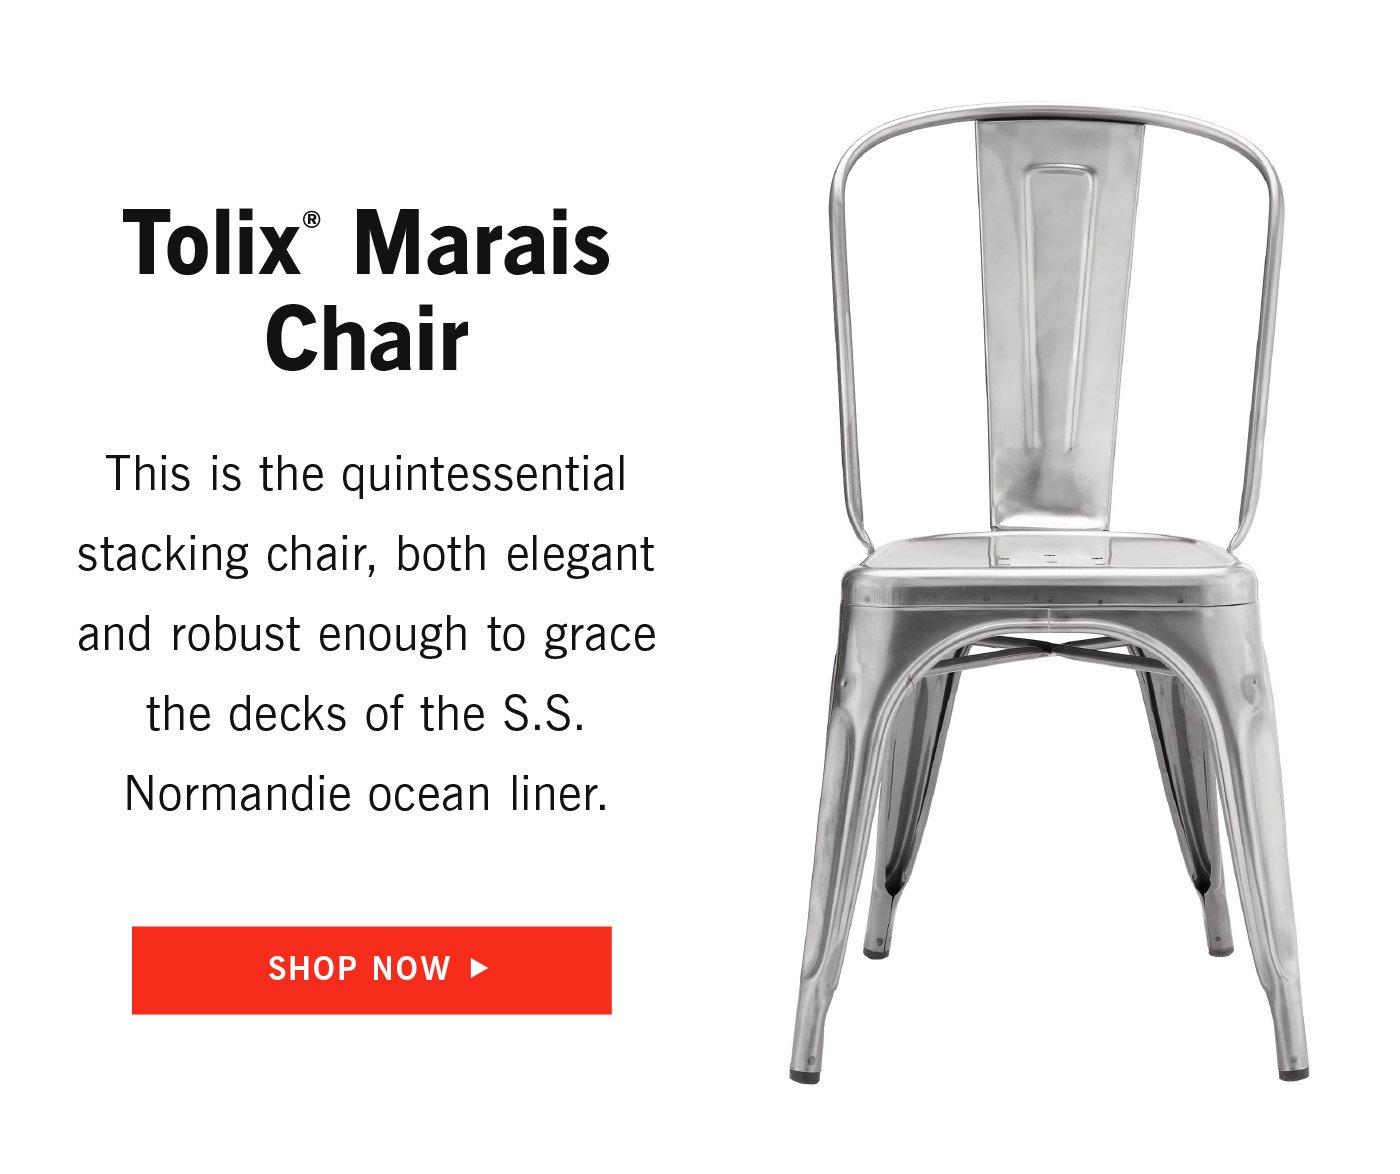 Shop Tolix Chair